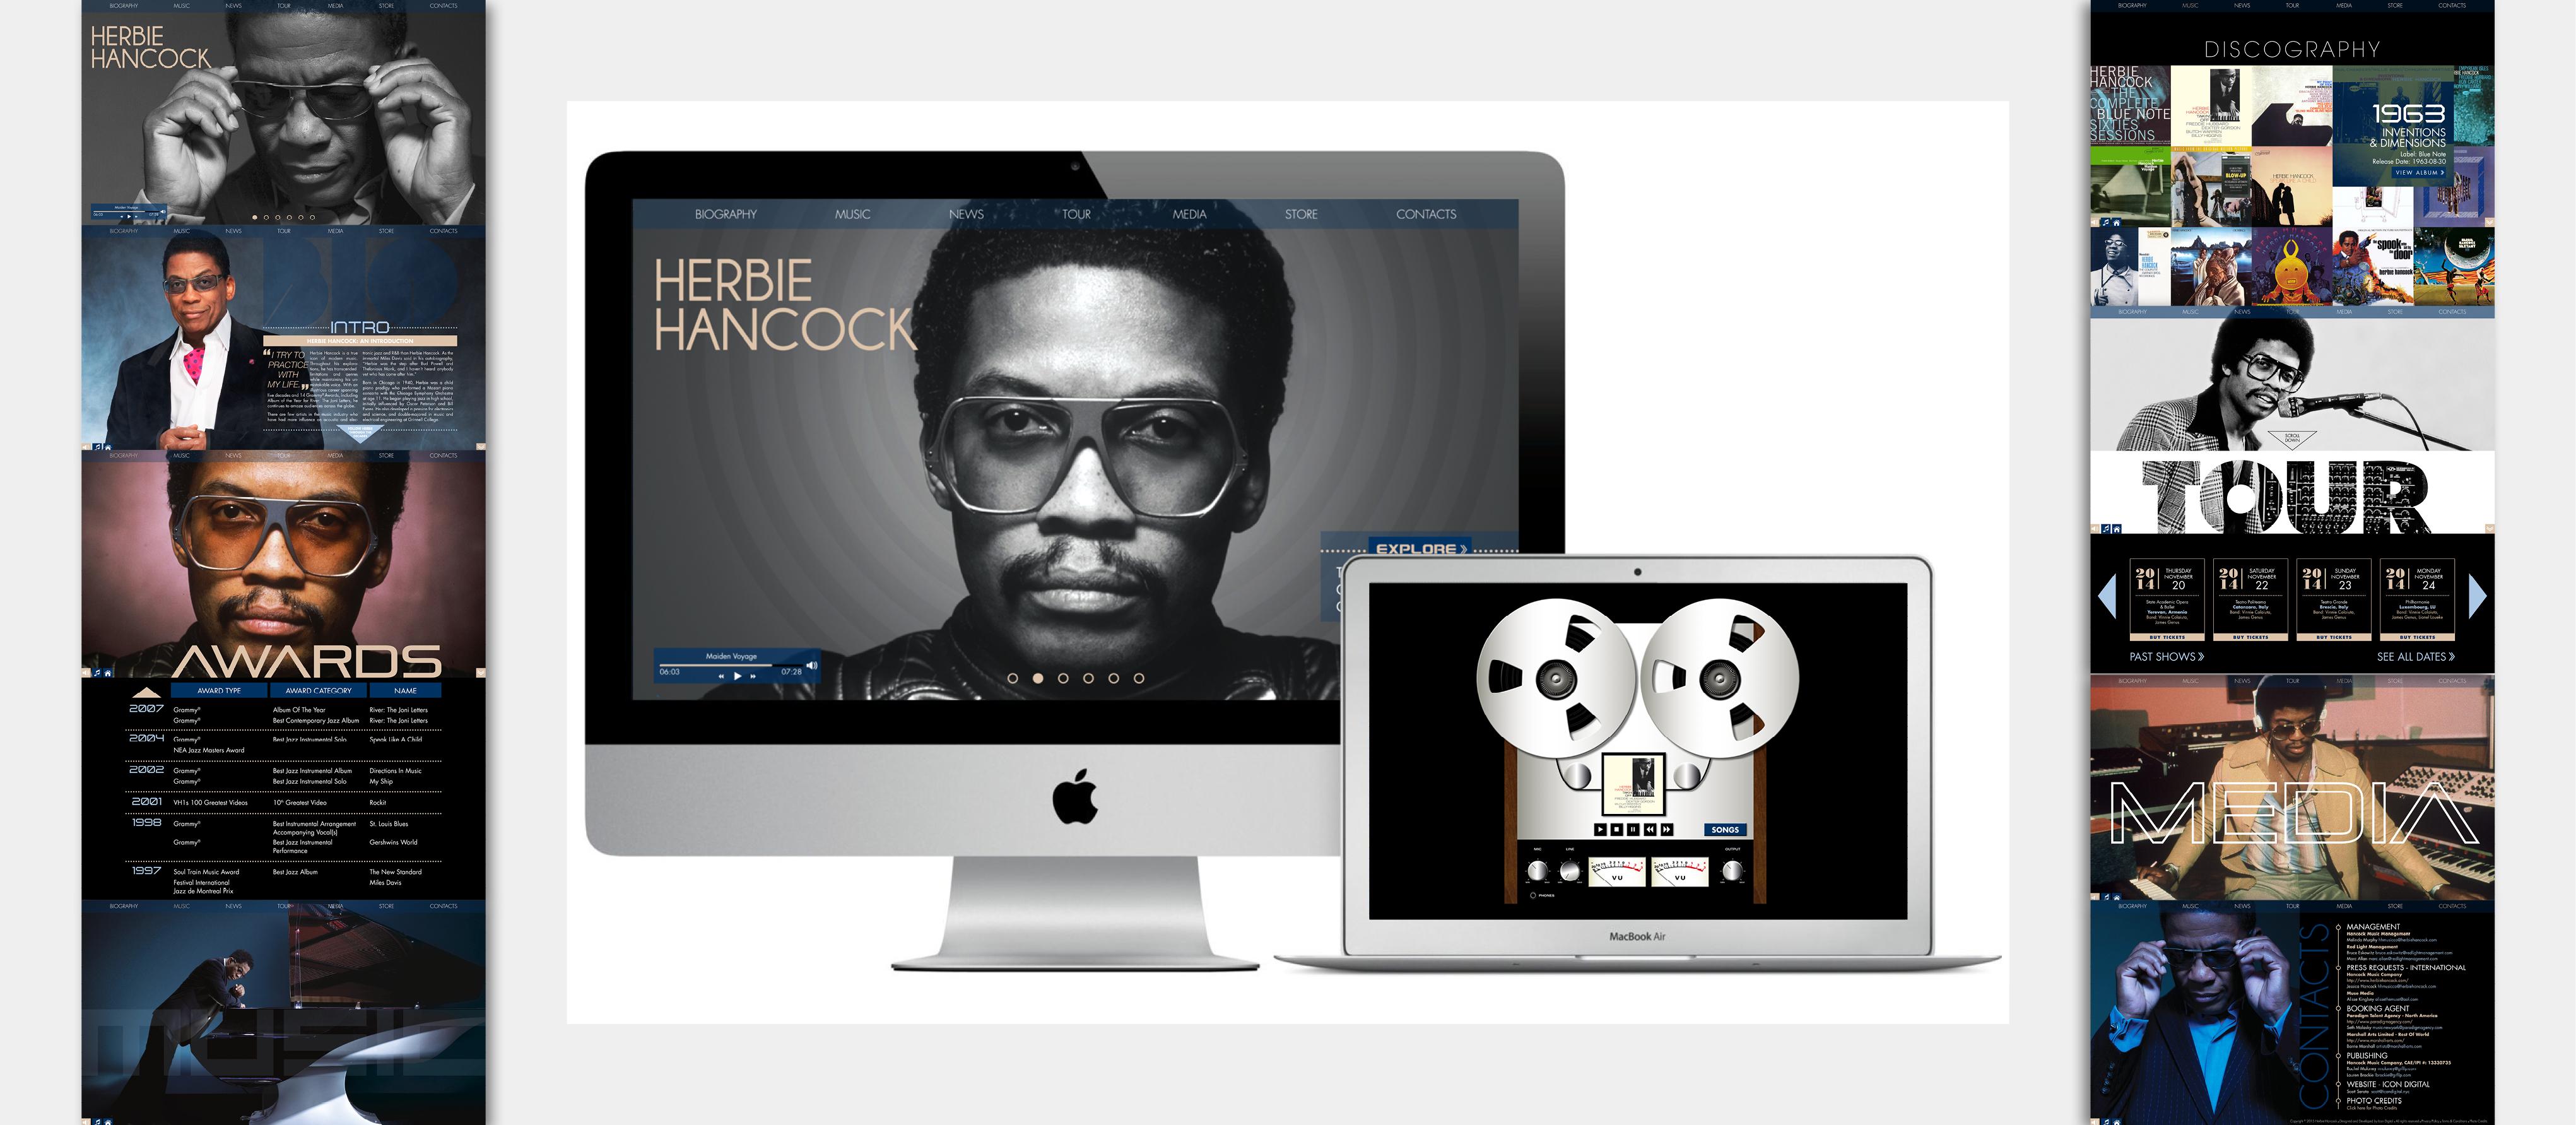 HerbieHancock.com